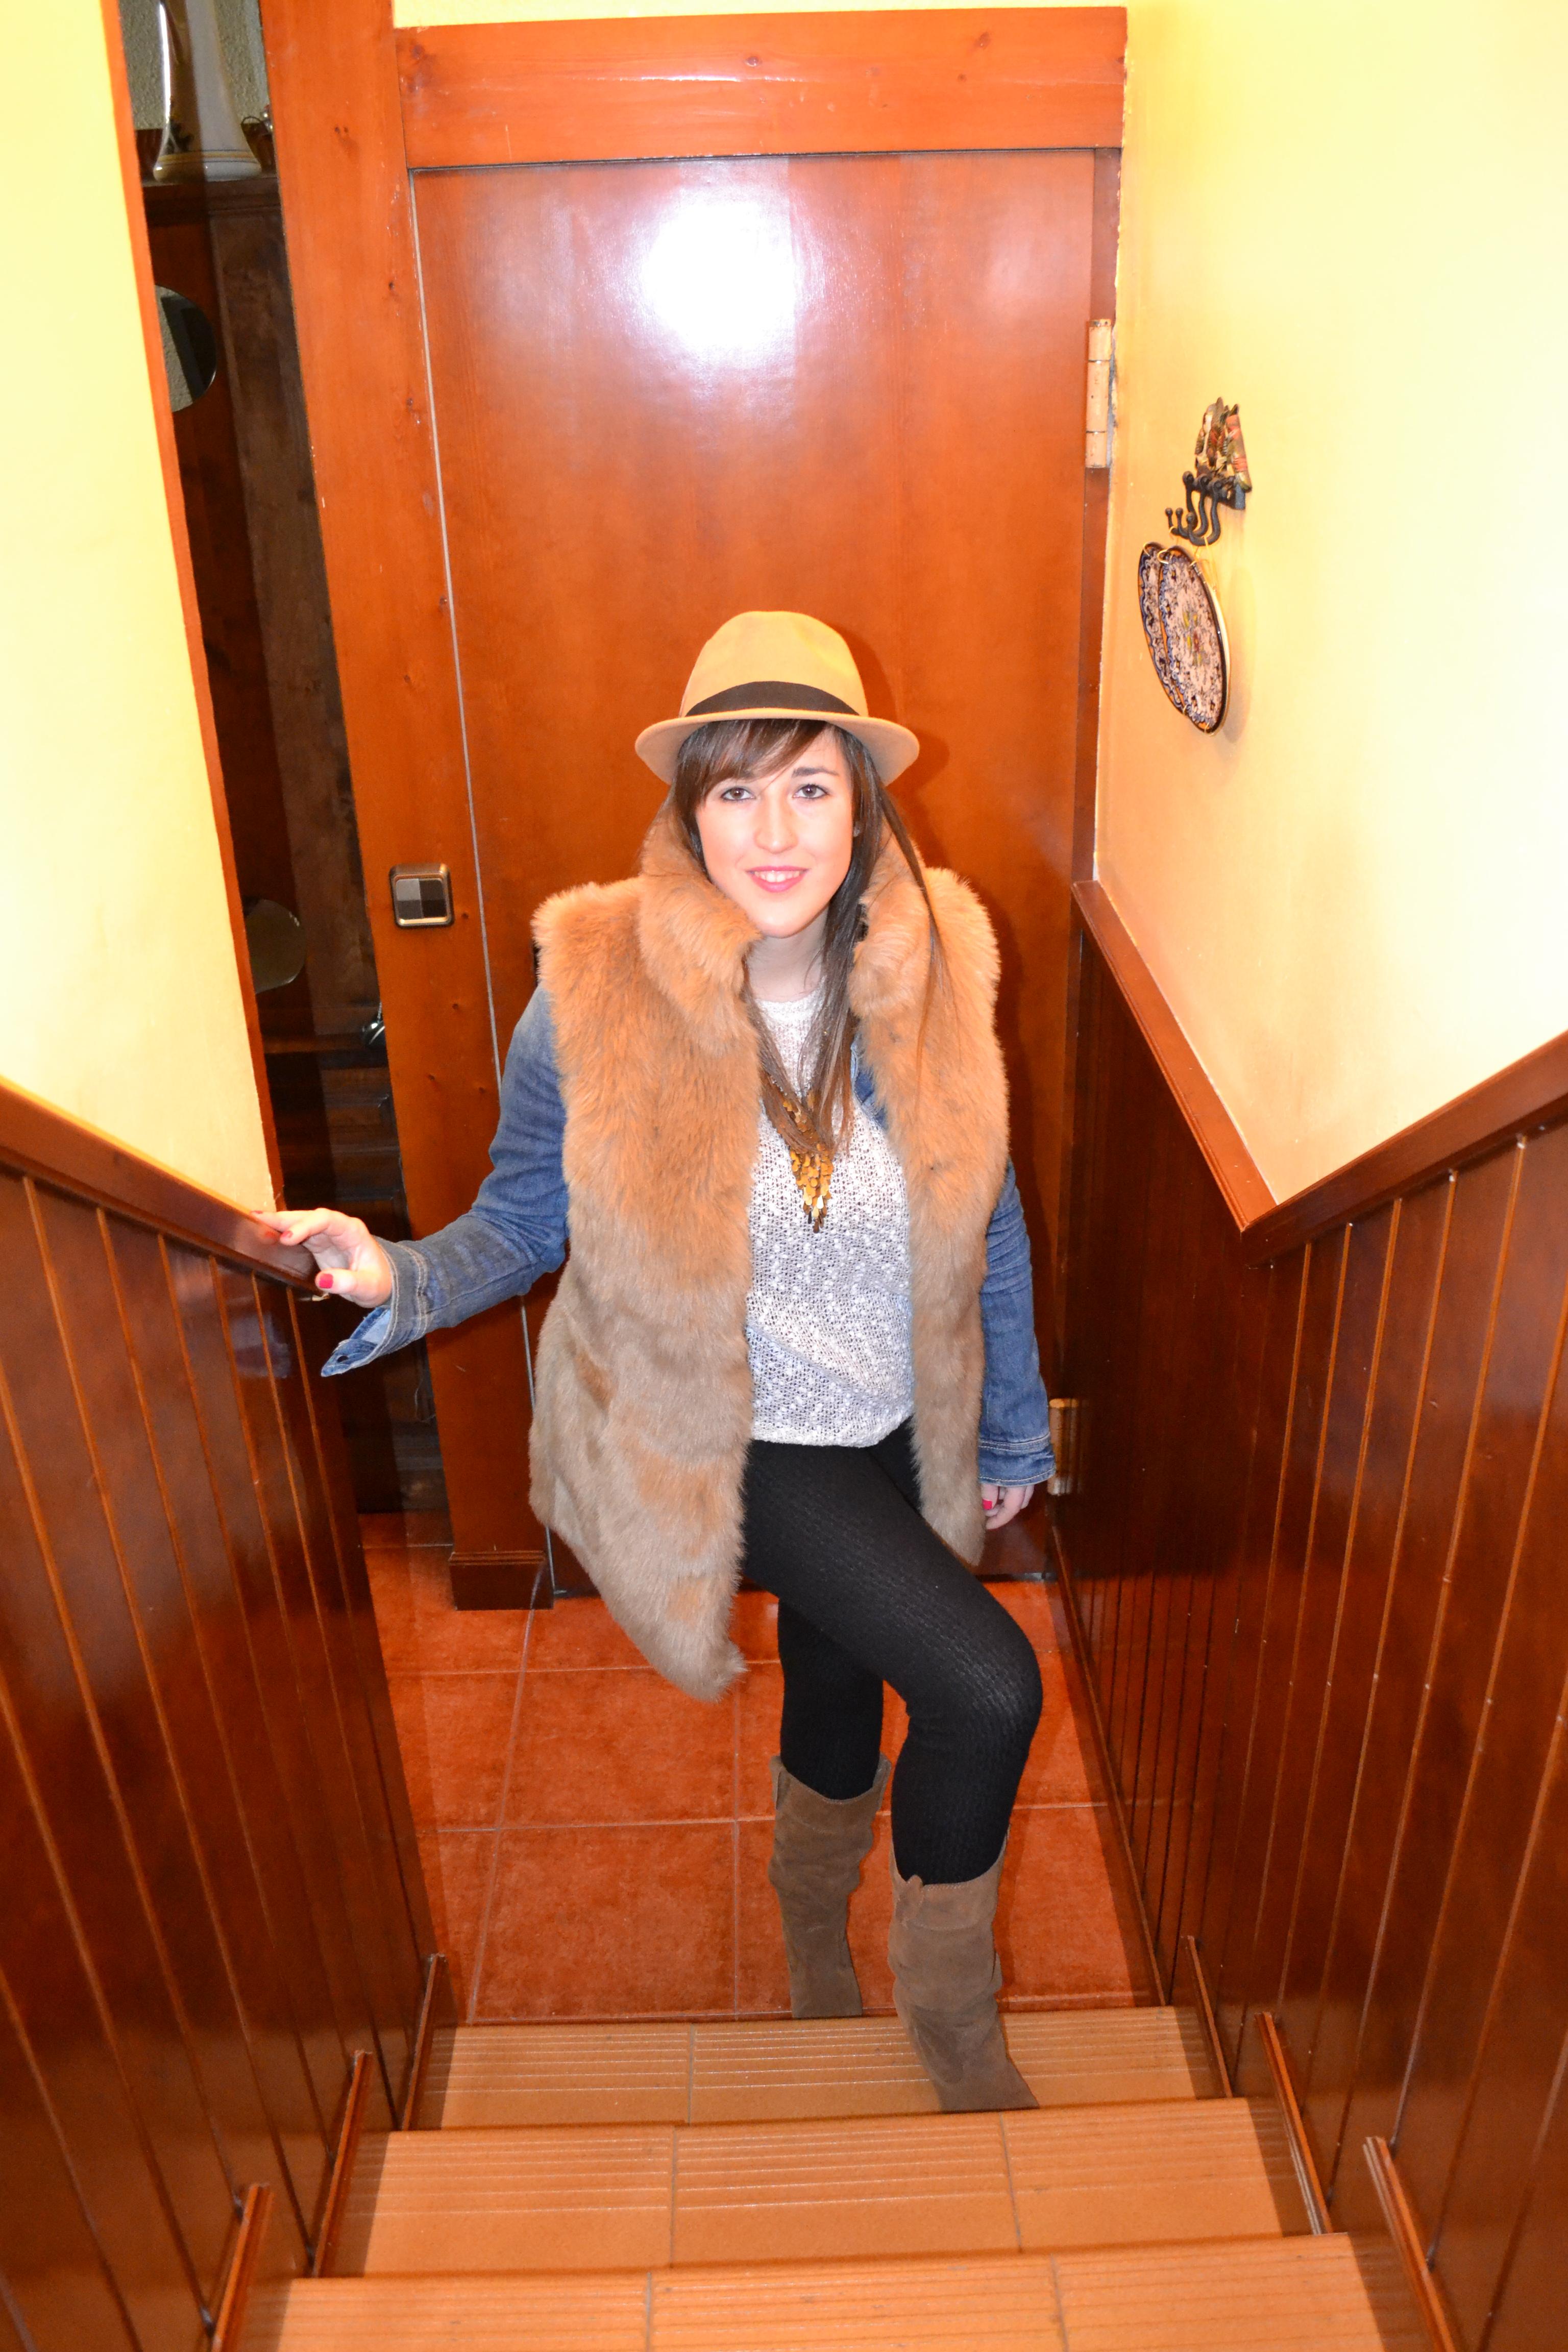 Looks diarios de bloggers y demás chicas que cuelgan en internet. - Página 6 Dsc0229o